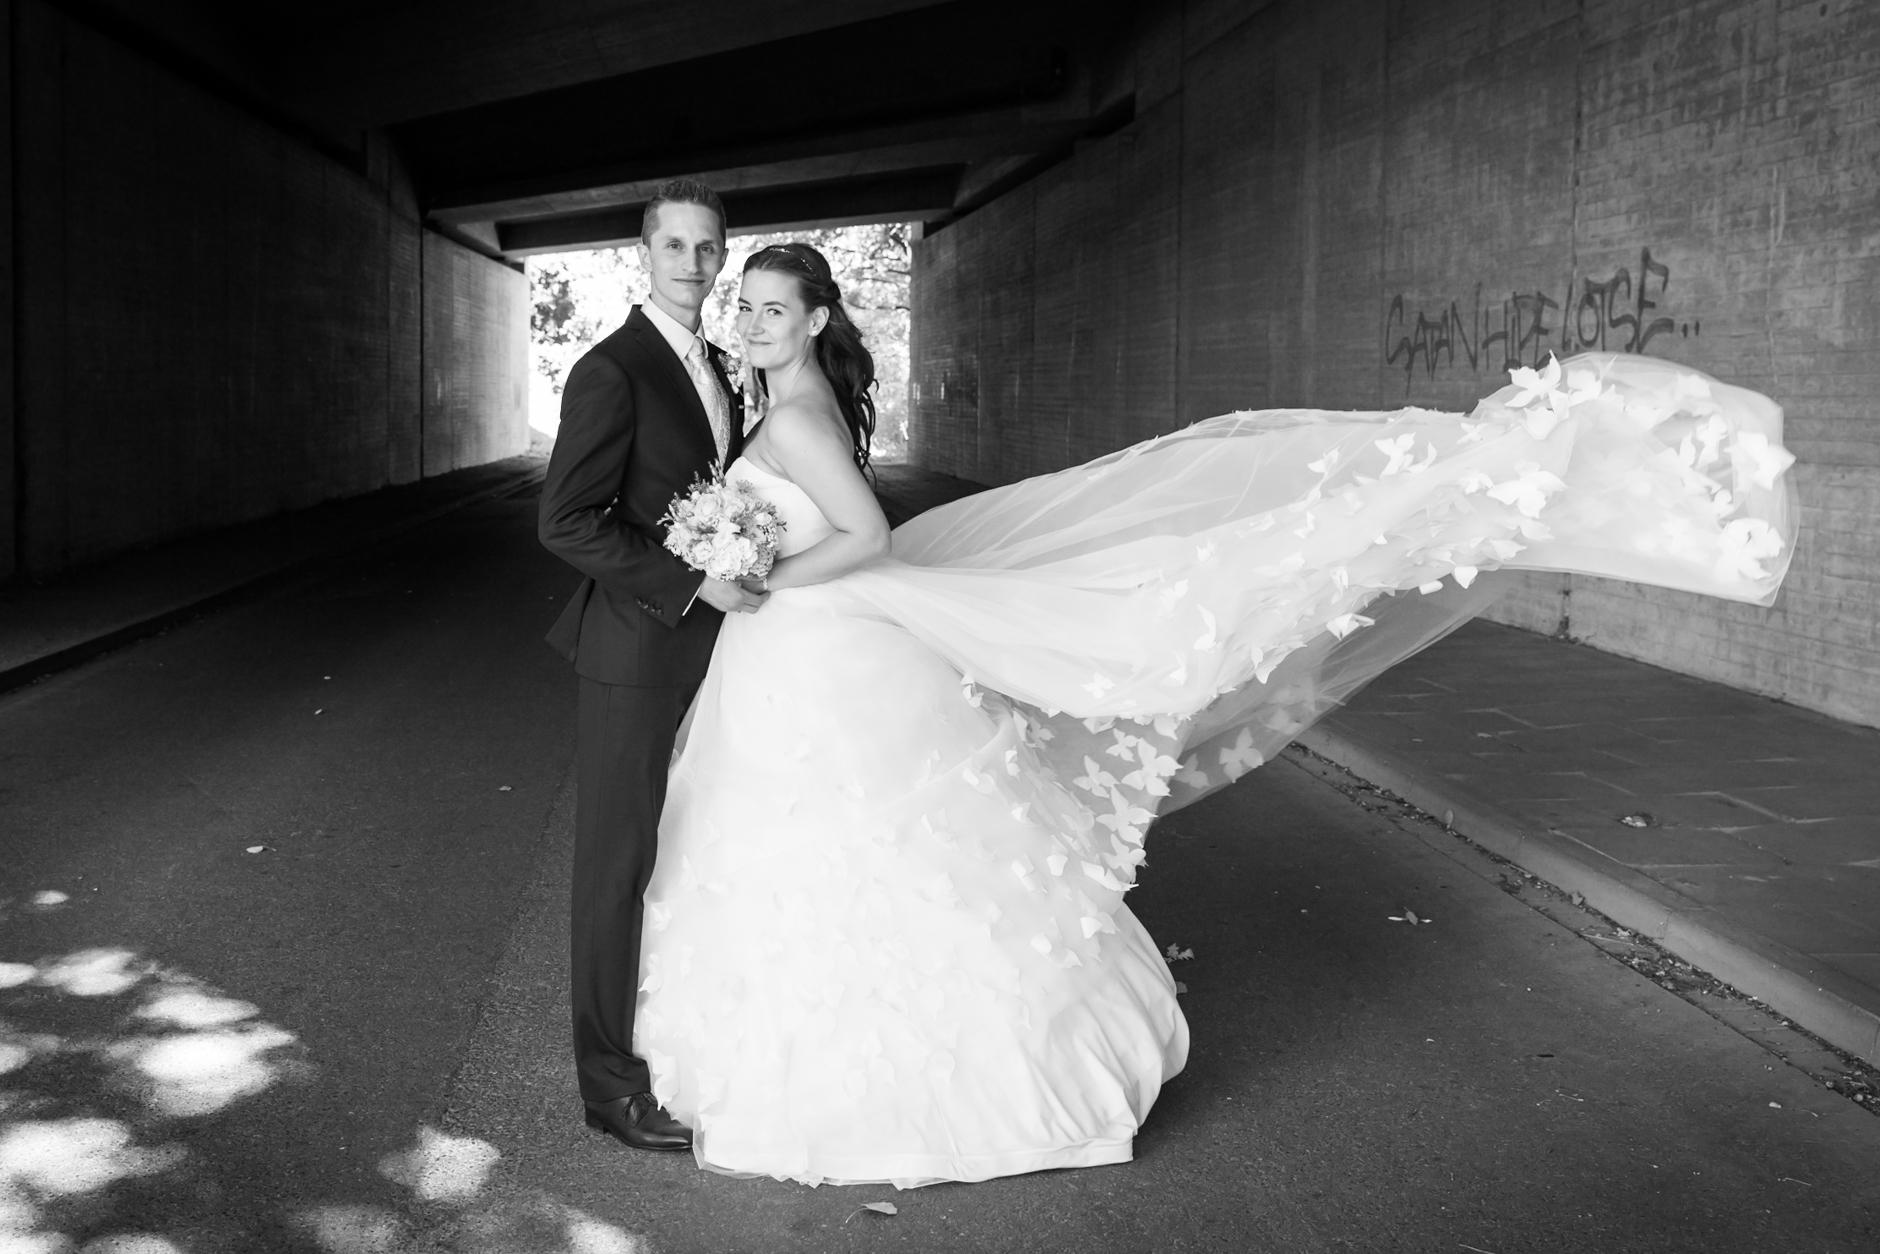 Hochzeitskleider sind natürlich der heimliche Hero jeden Hochzeitsbilds ...